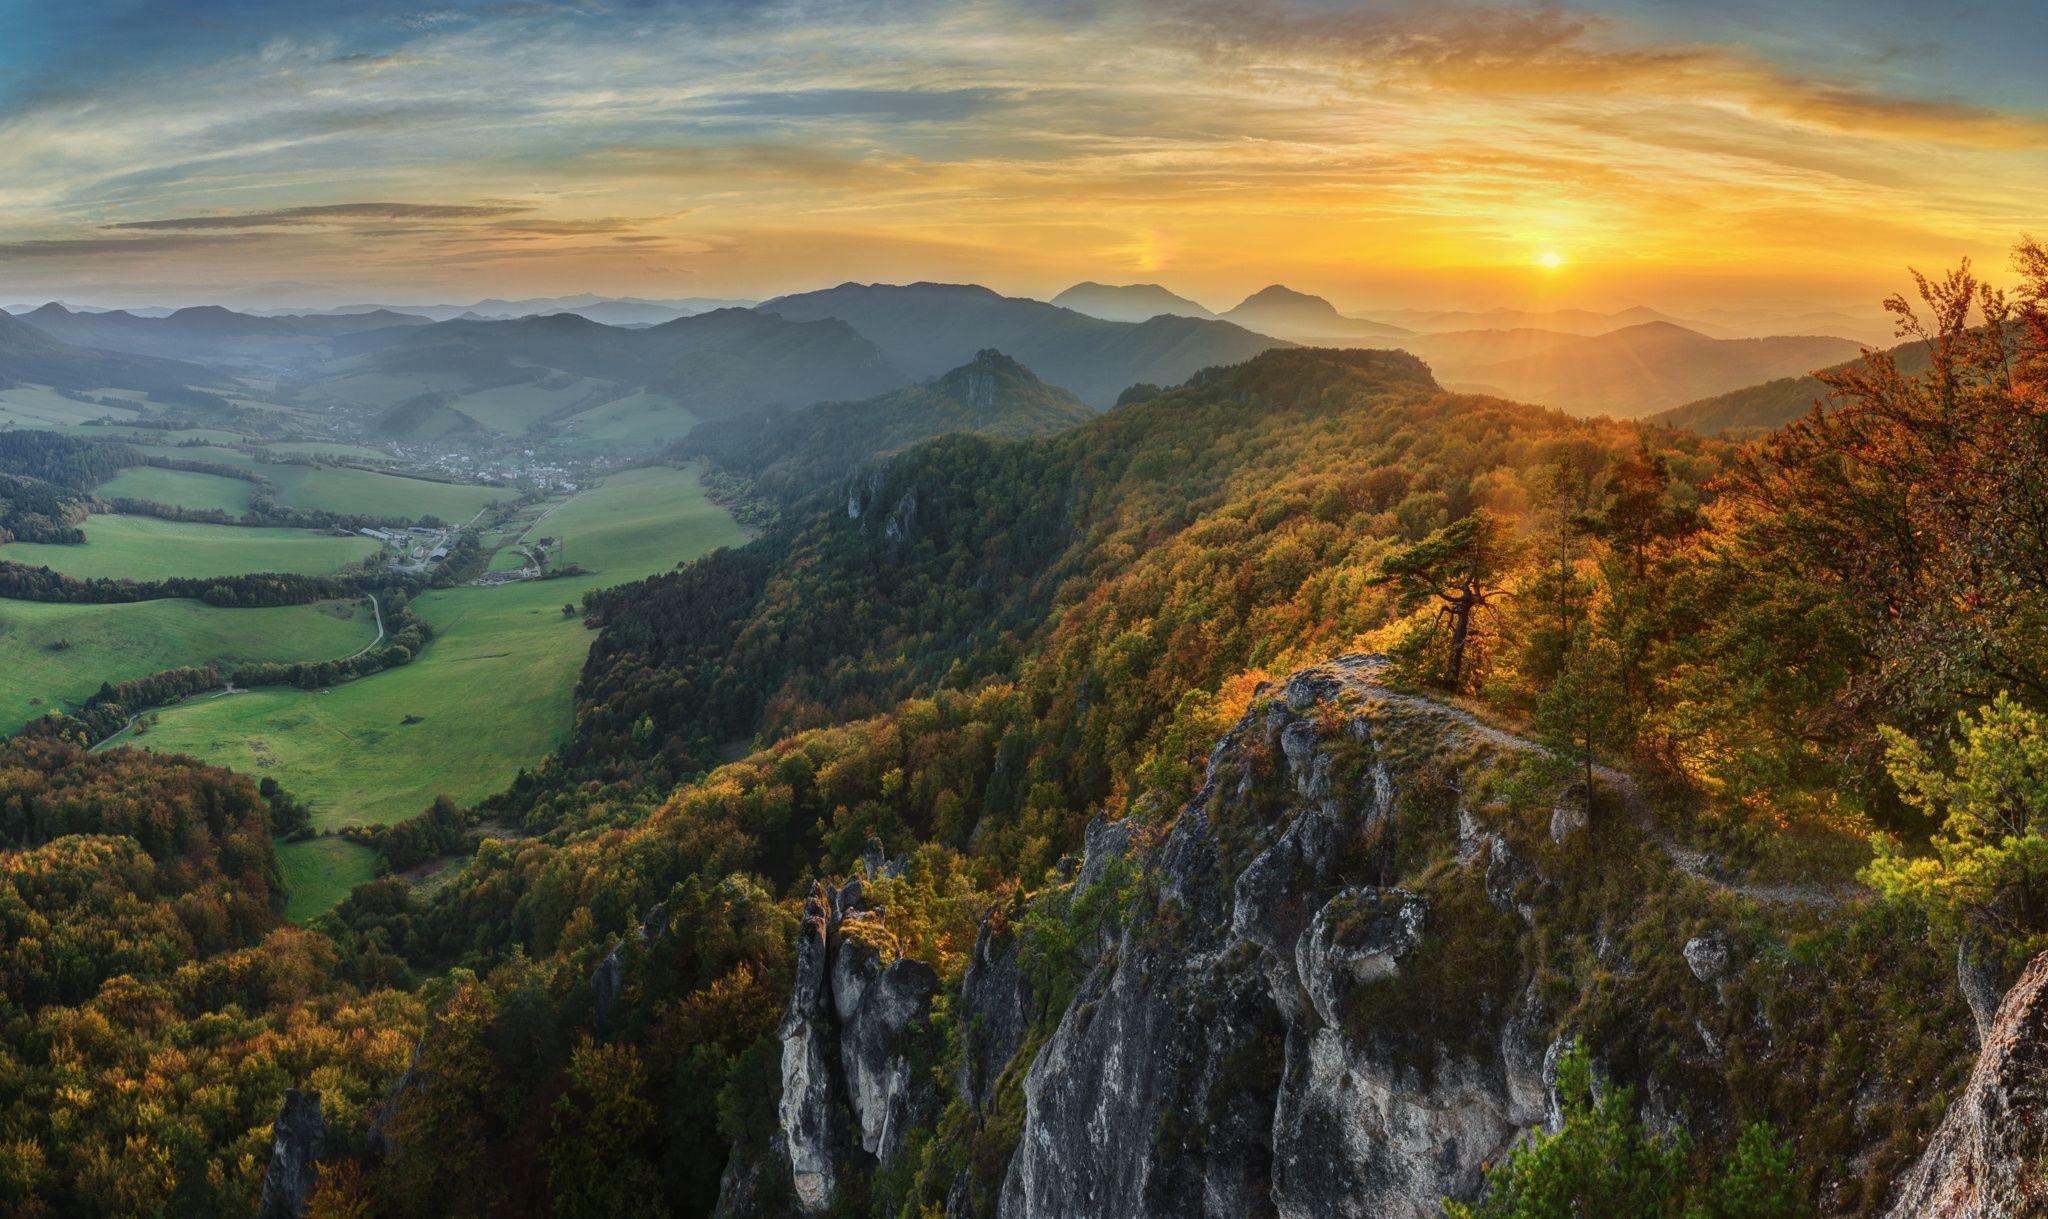 Autumn sunset - Sulov Mountains, Slovakia